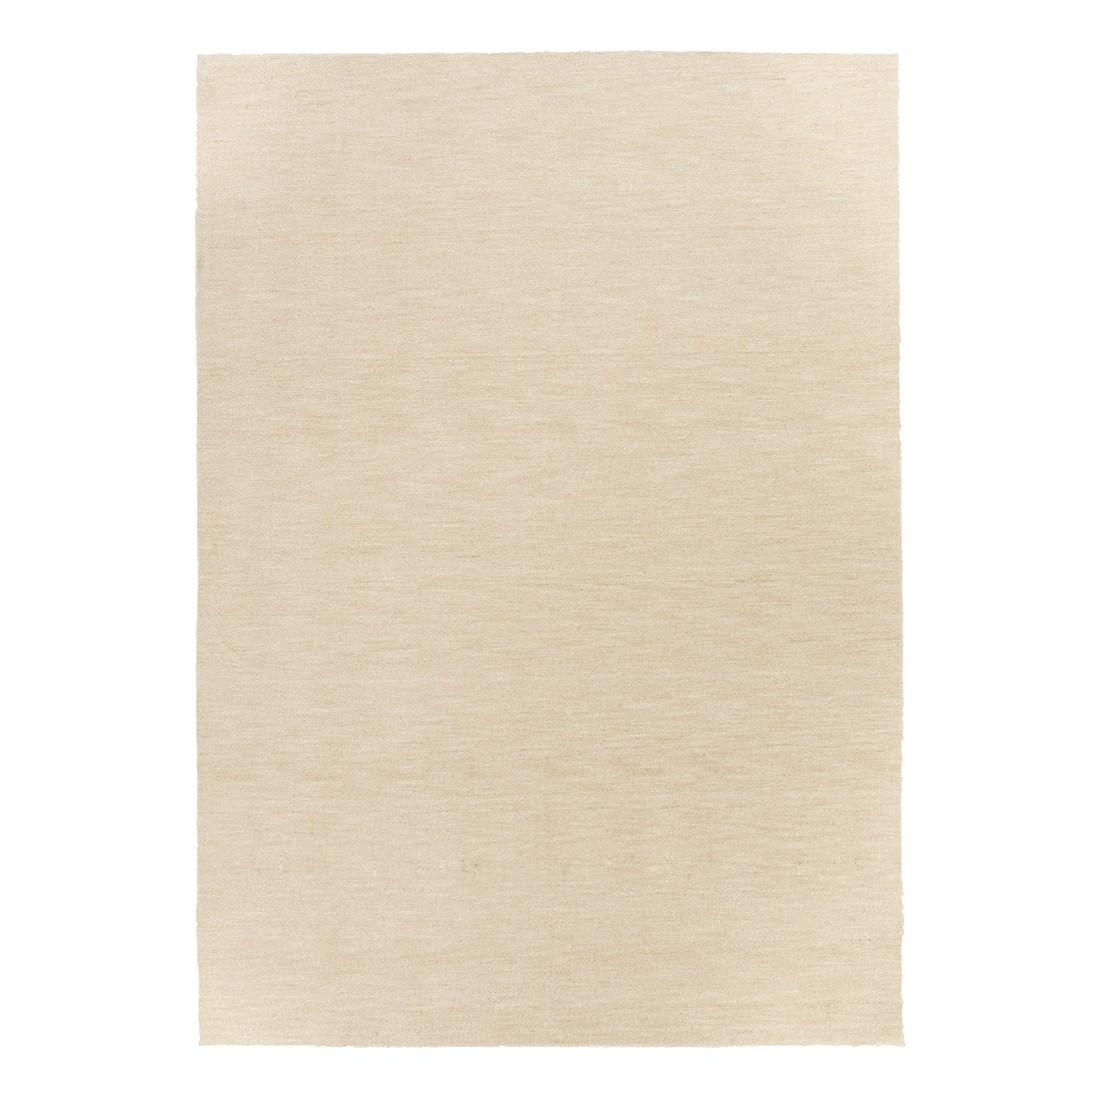 Teppich Shivaz – Beige – 90 x 160 cm, Schöner Wohnen Kollektion online kaufen